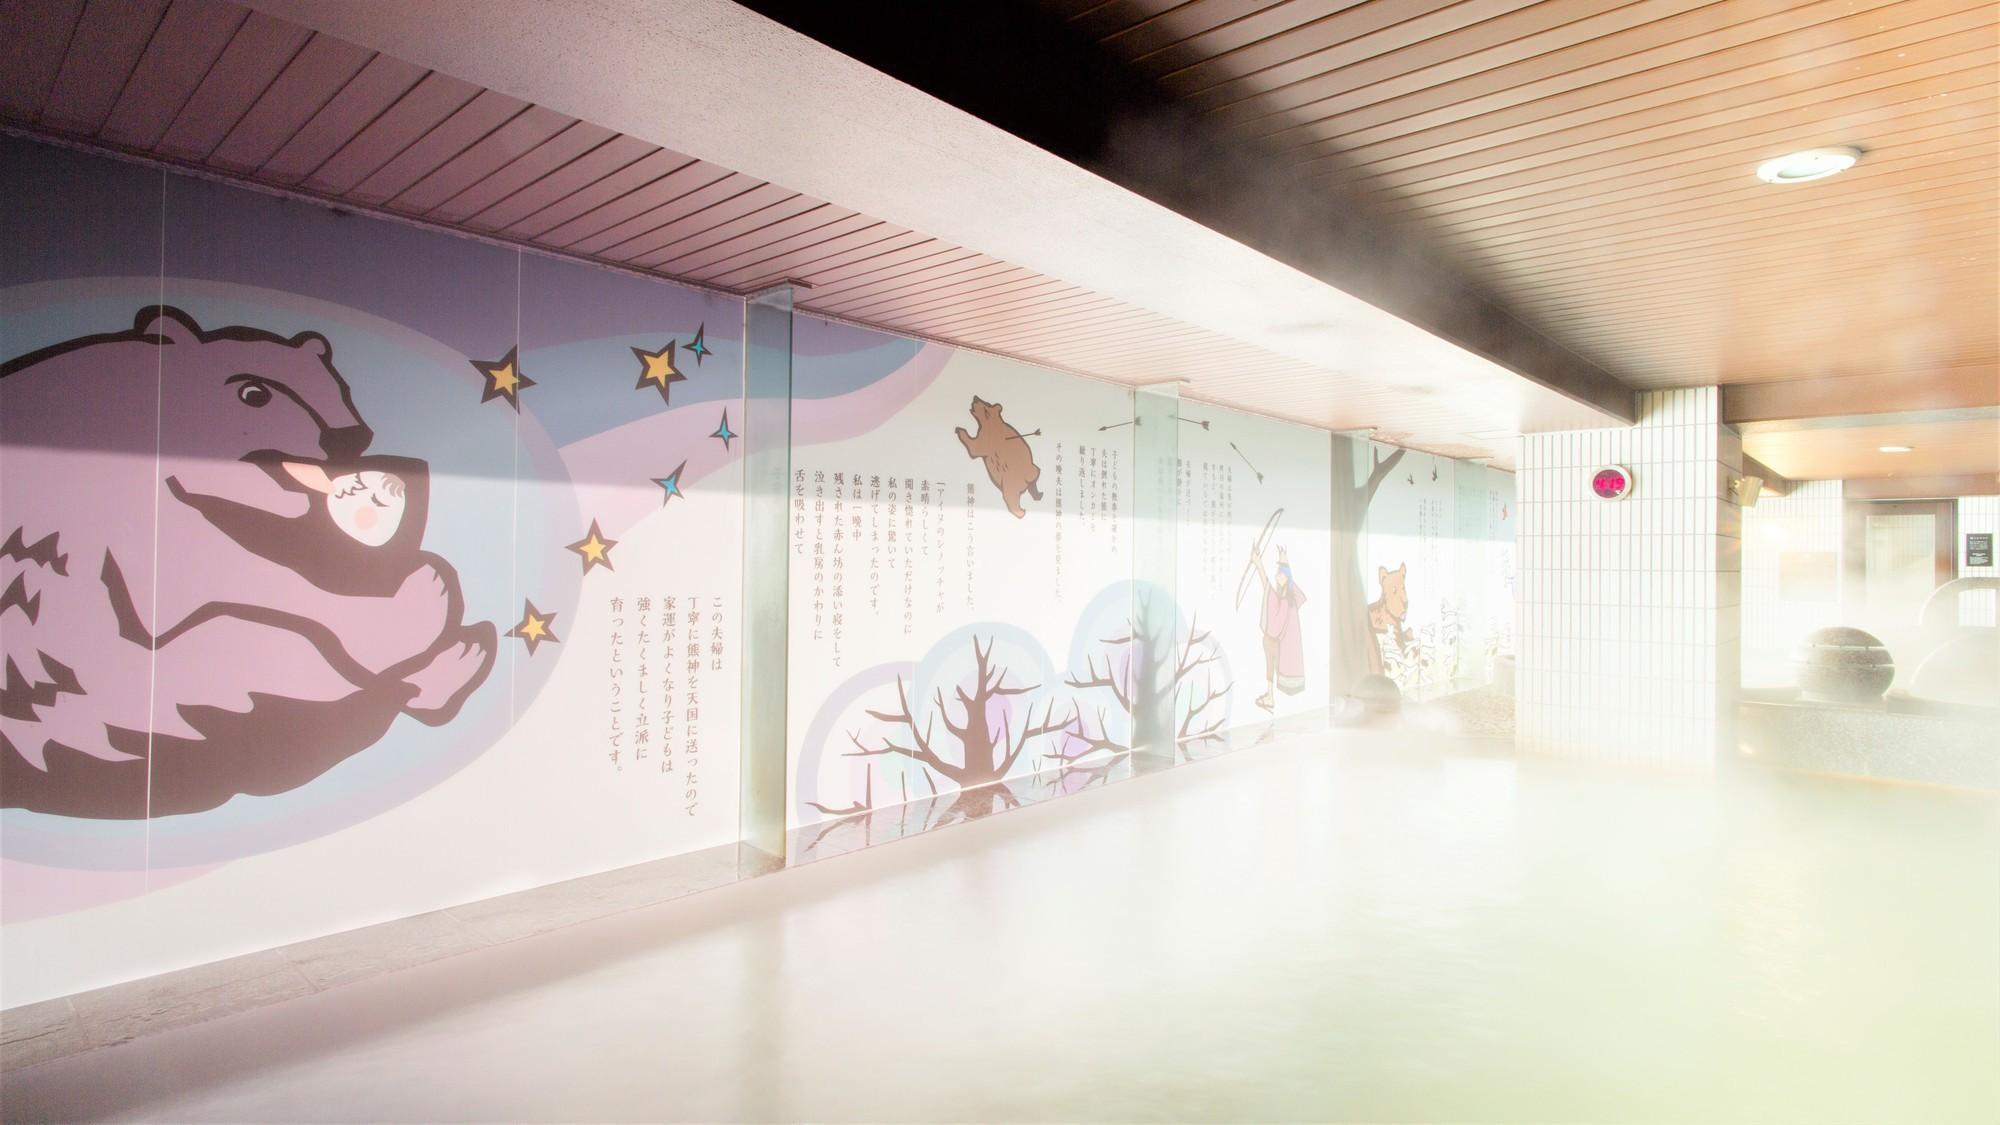 【2F男性大浴場「ピンネシリ」】壁に描かれたアイヌの物語を読みながら、湯浴みをお愉しみください